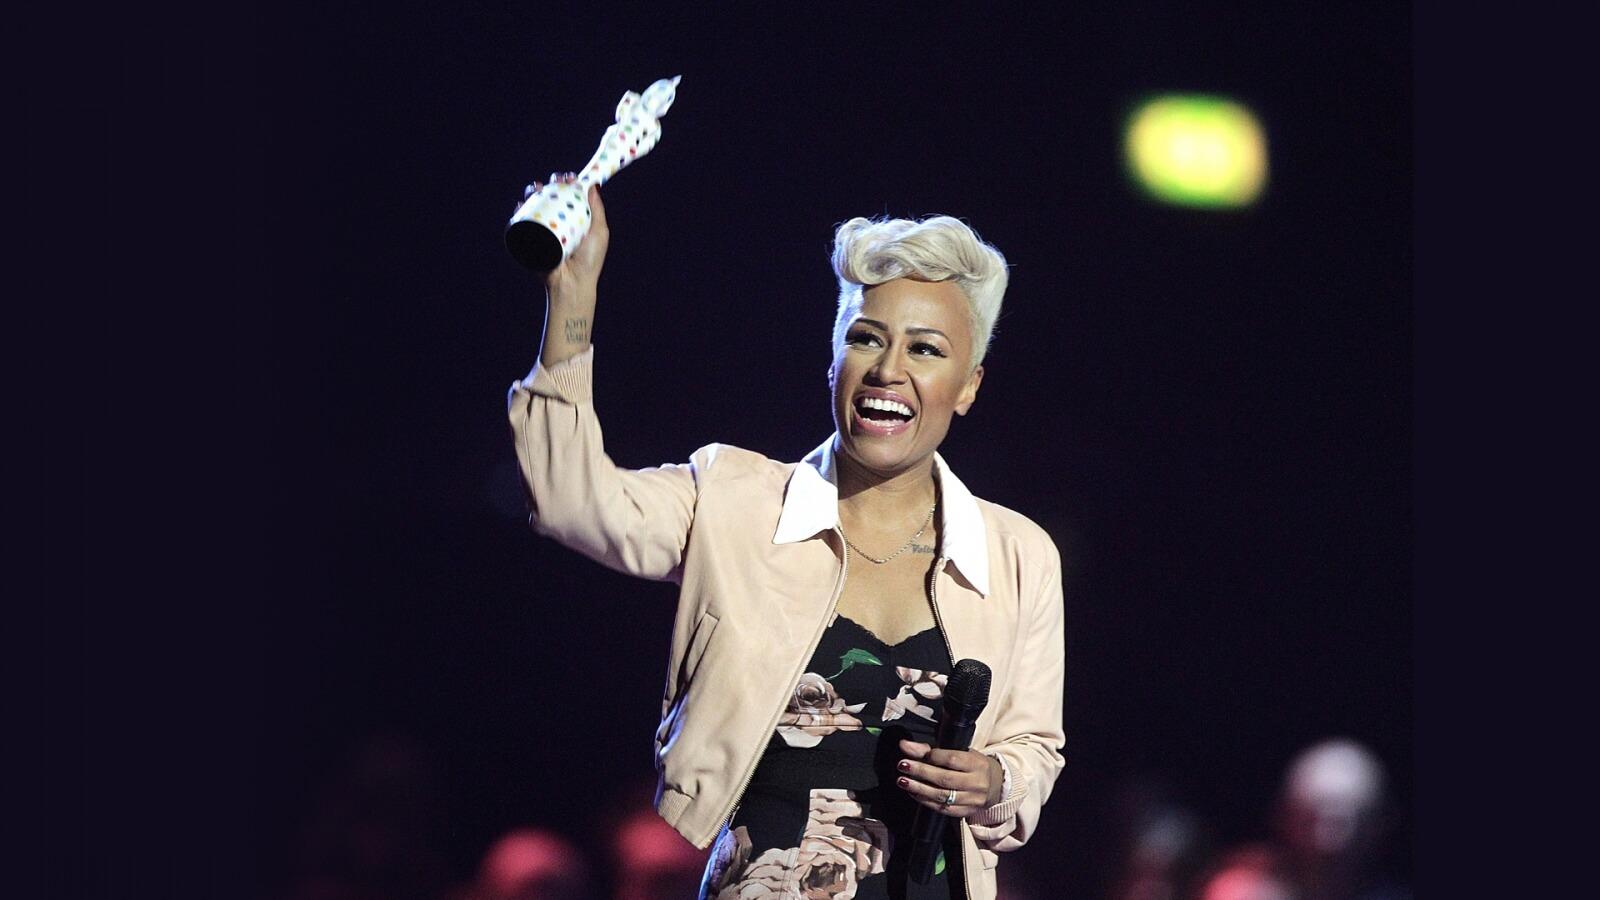 04 Brit Awards Trophy 2013 Emeli Sande